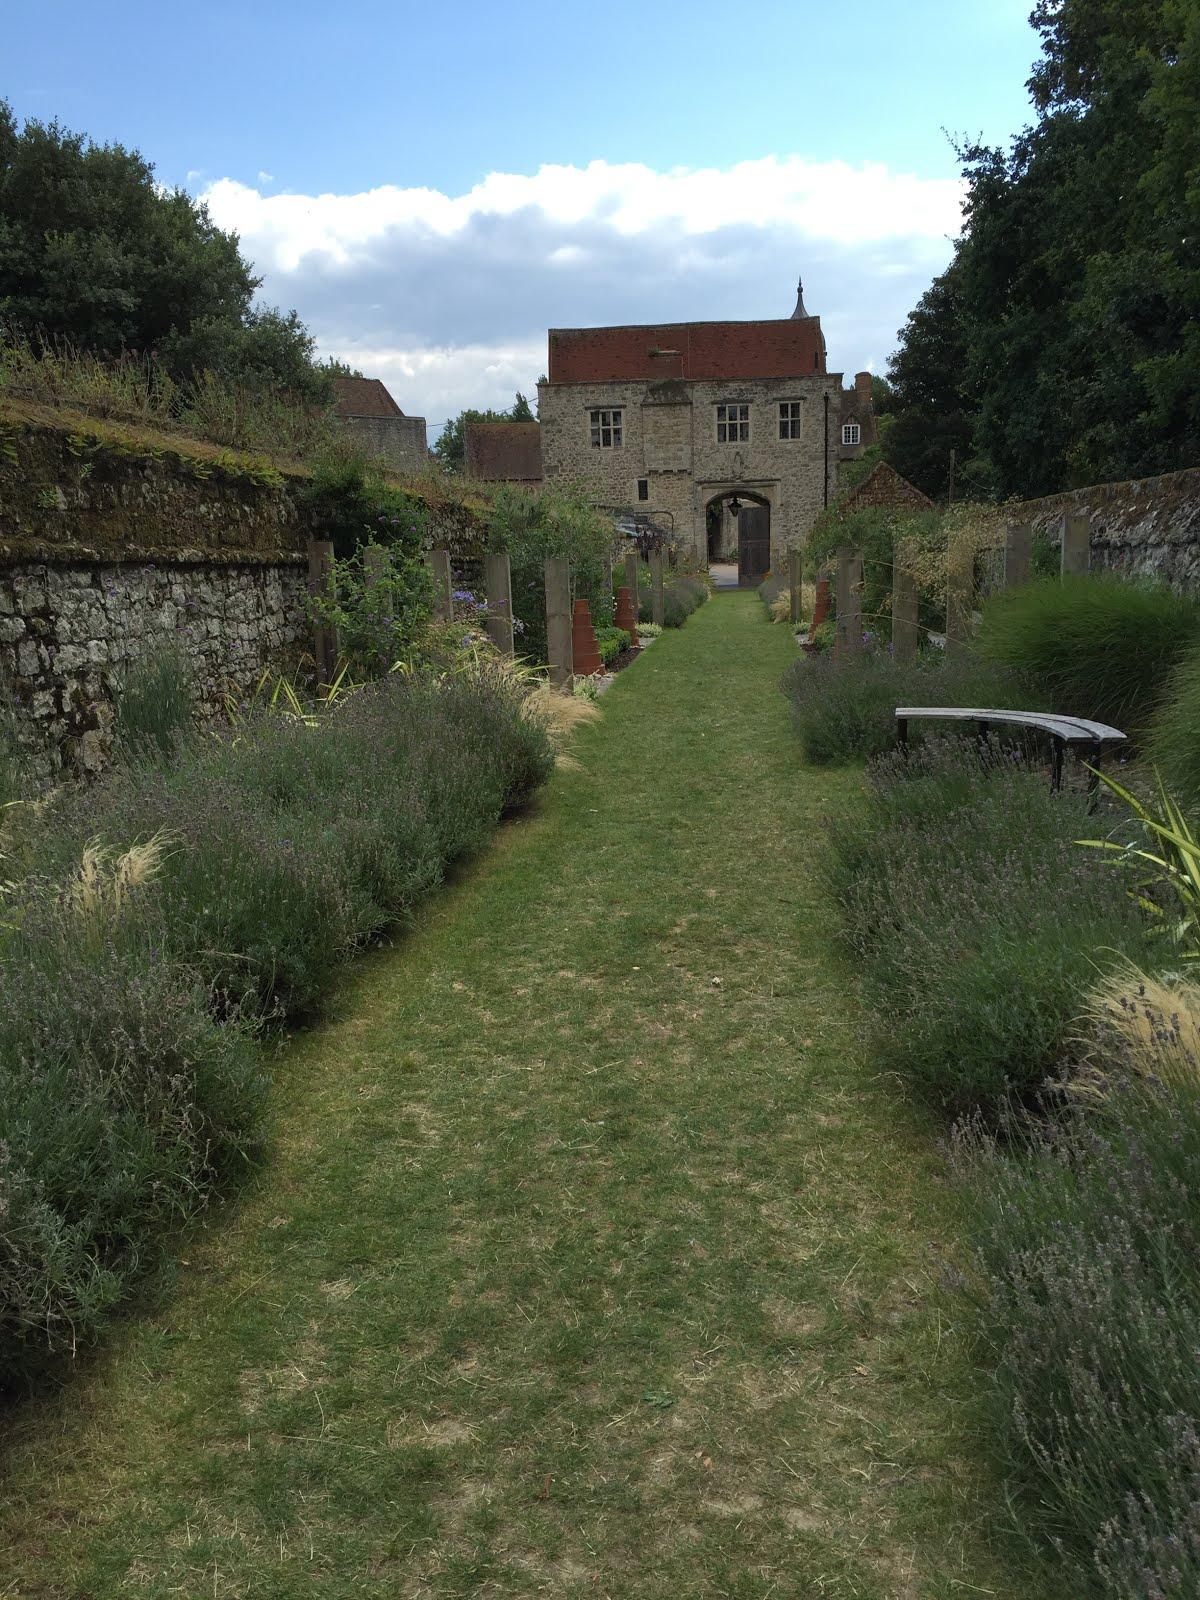 Aylesford Peace Garden